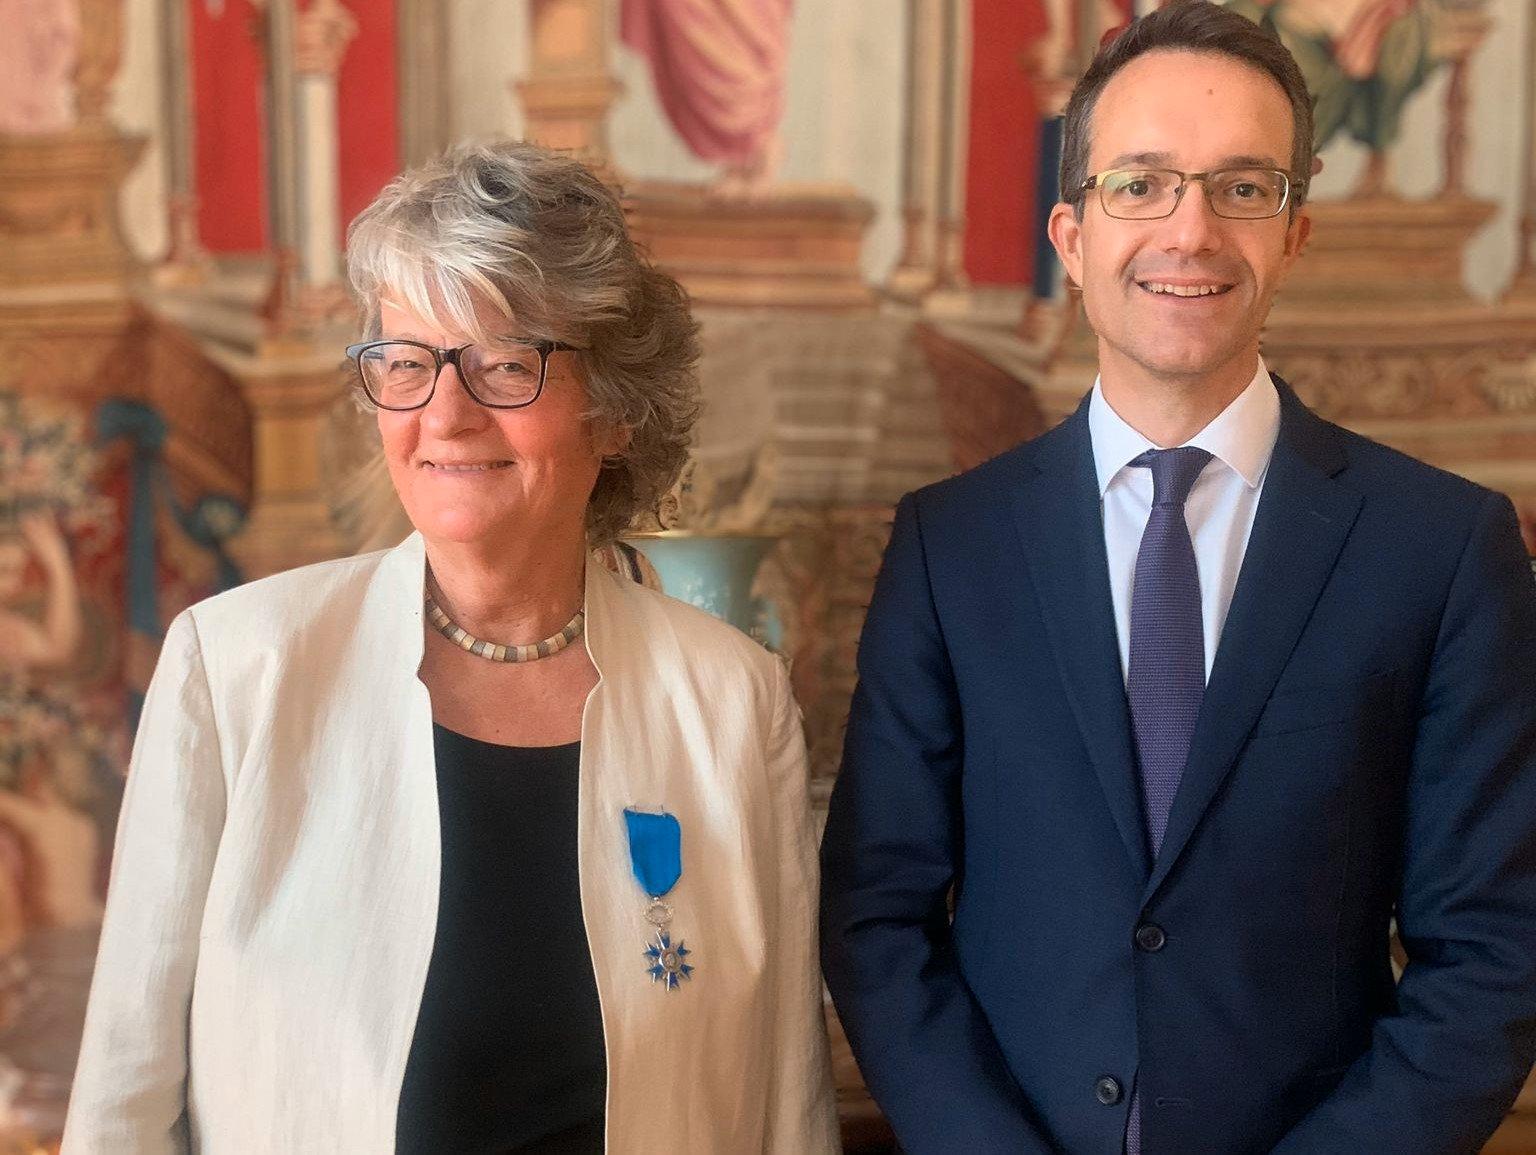 Svensk journalist får fransk ordensutmärkelse